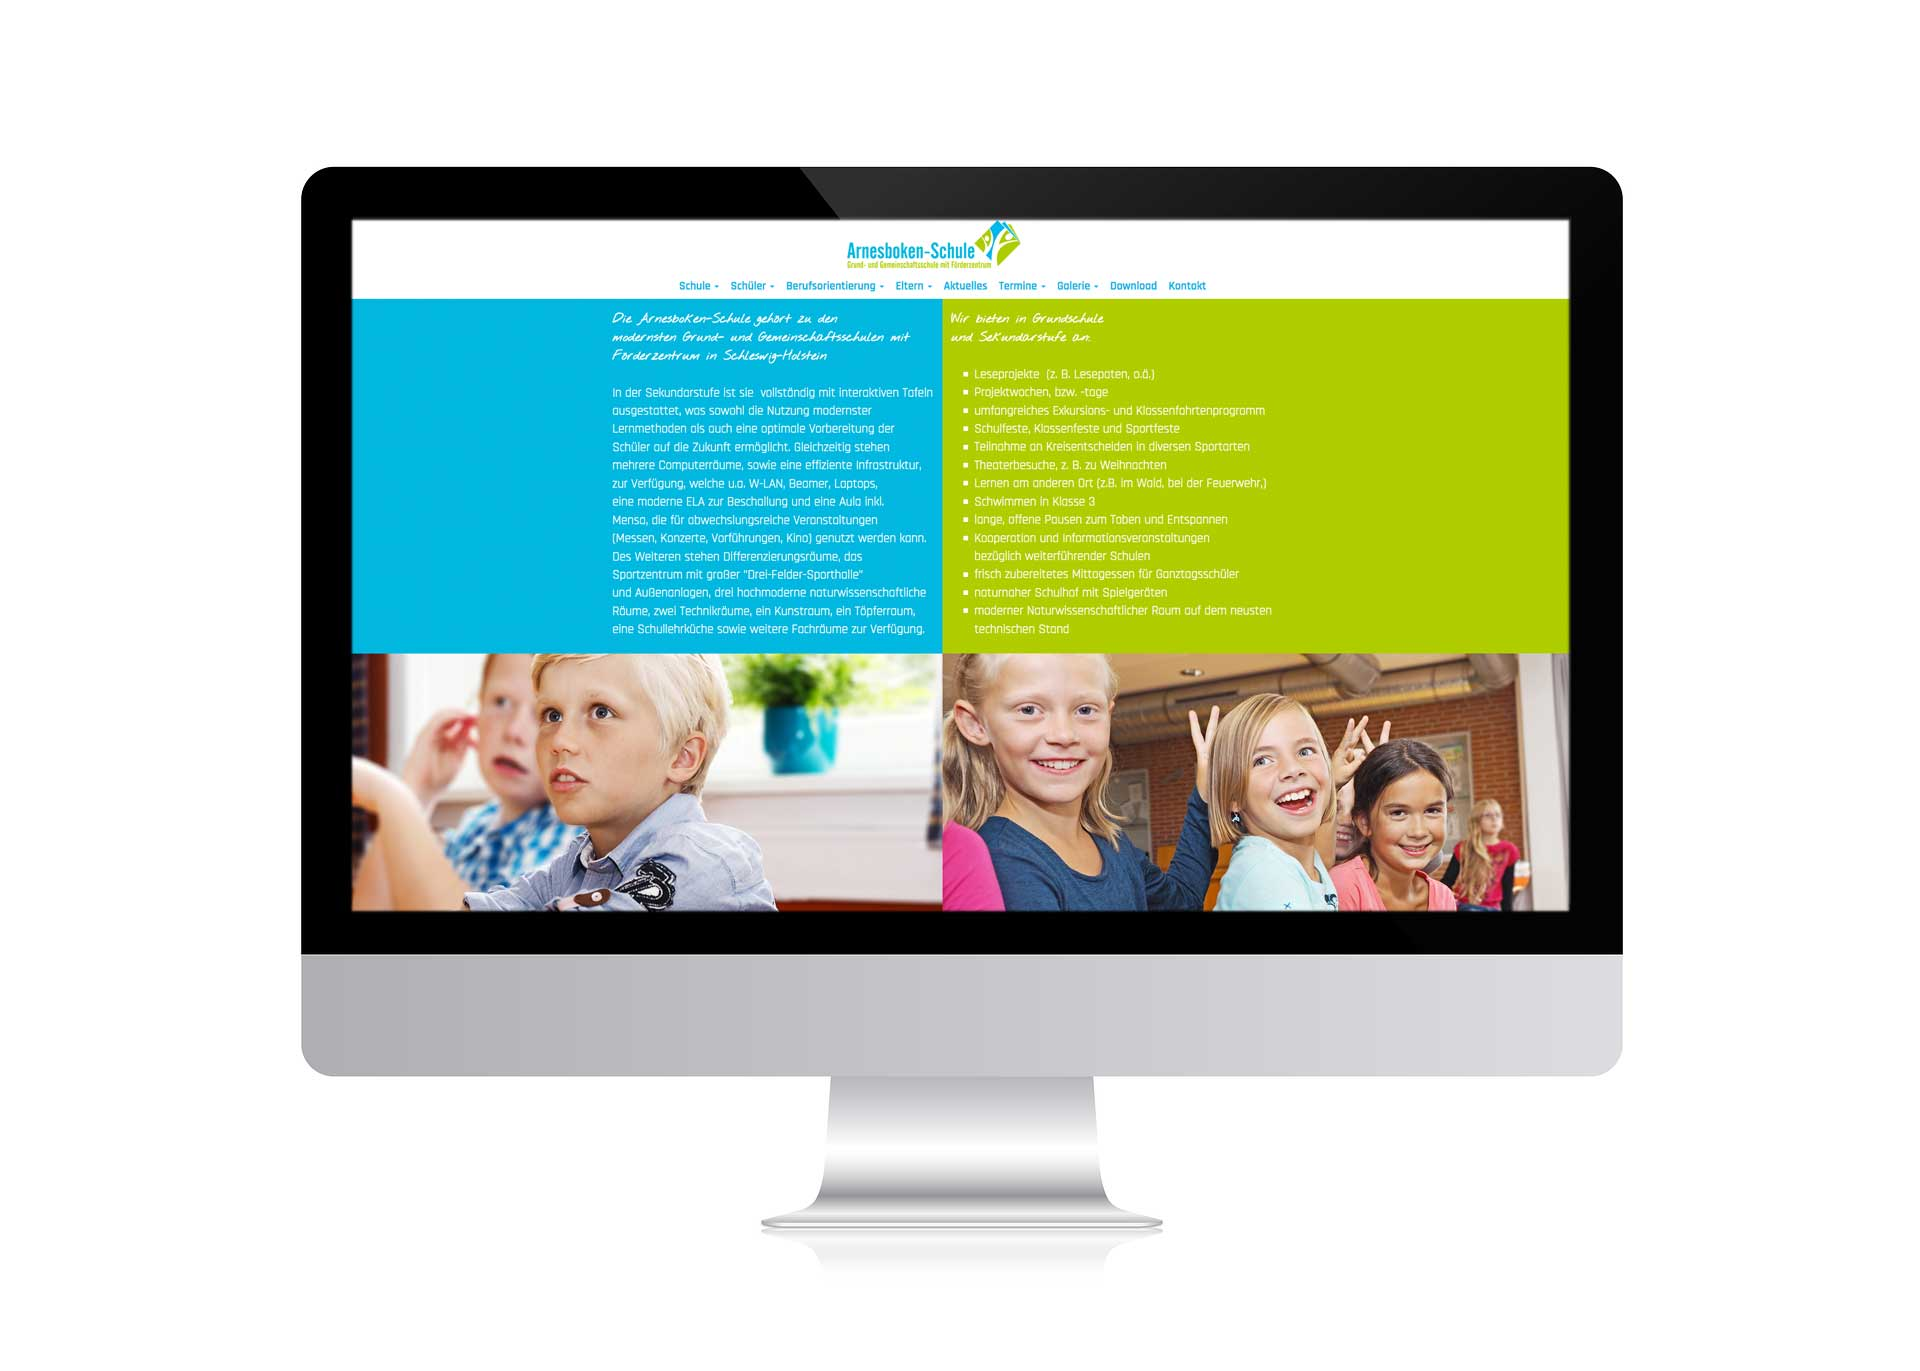 webdesign für die Arnesboken Schule